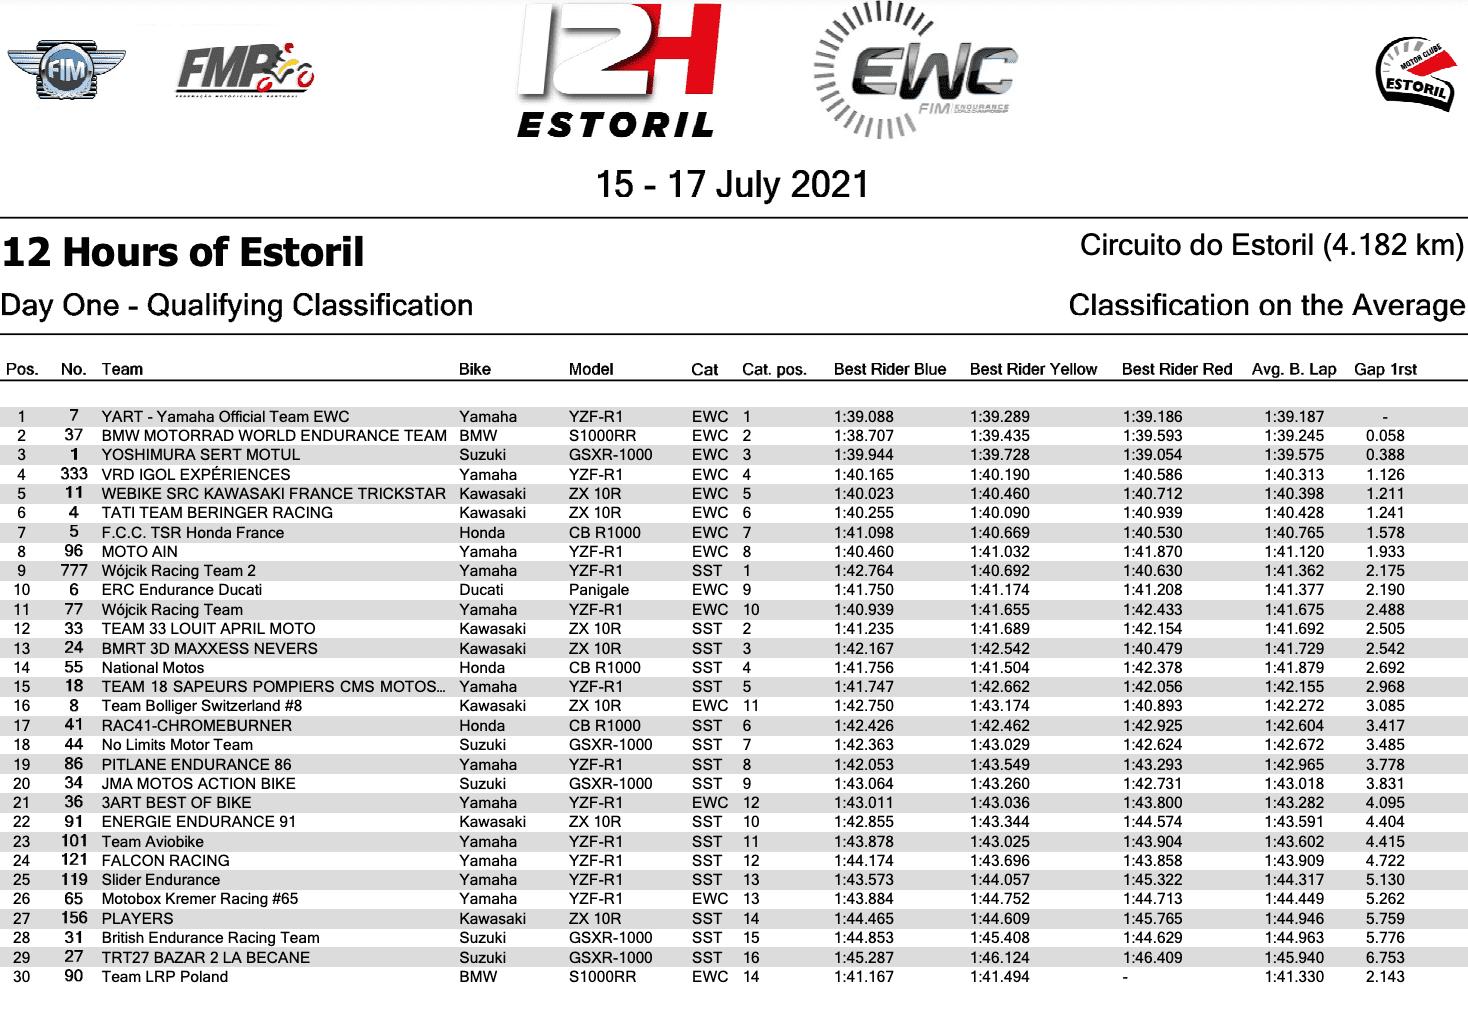 エストリル12時間耐久 YARTが暫定ポールポジションを獲得